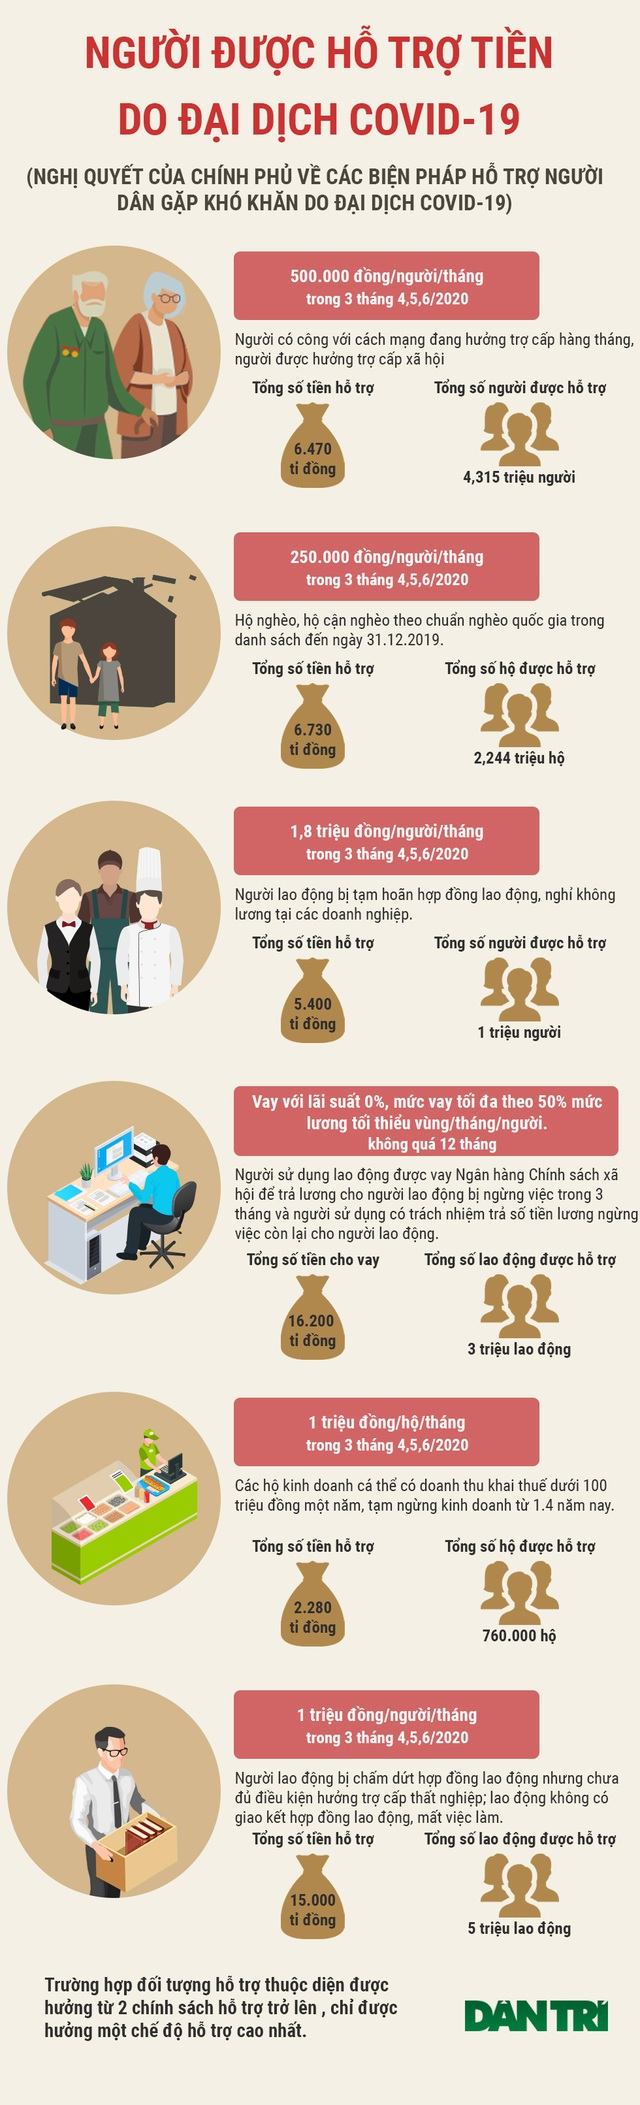 Infographic: Gói hỗ trợ hơn 62.000 tỷ đồng dành cho những đối tượng nào? - 1